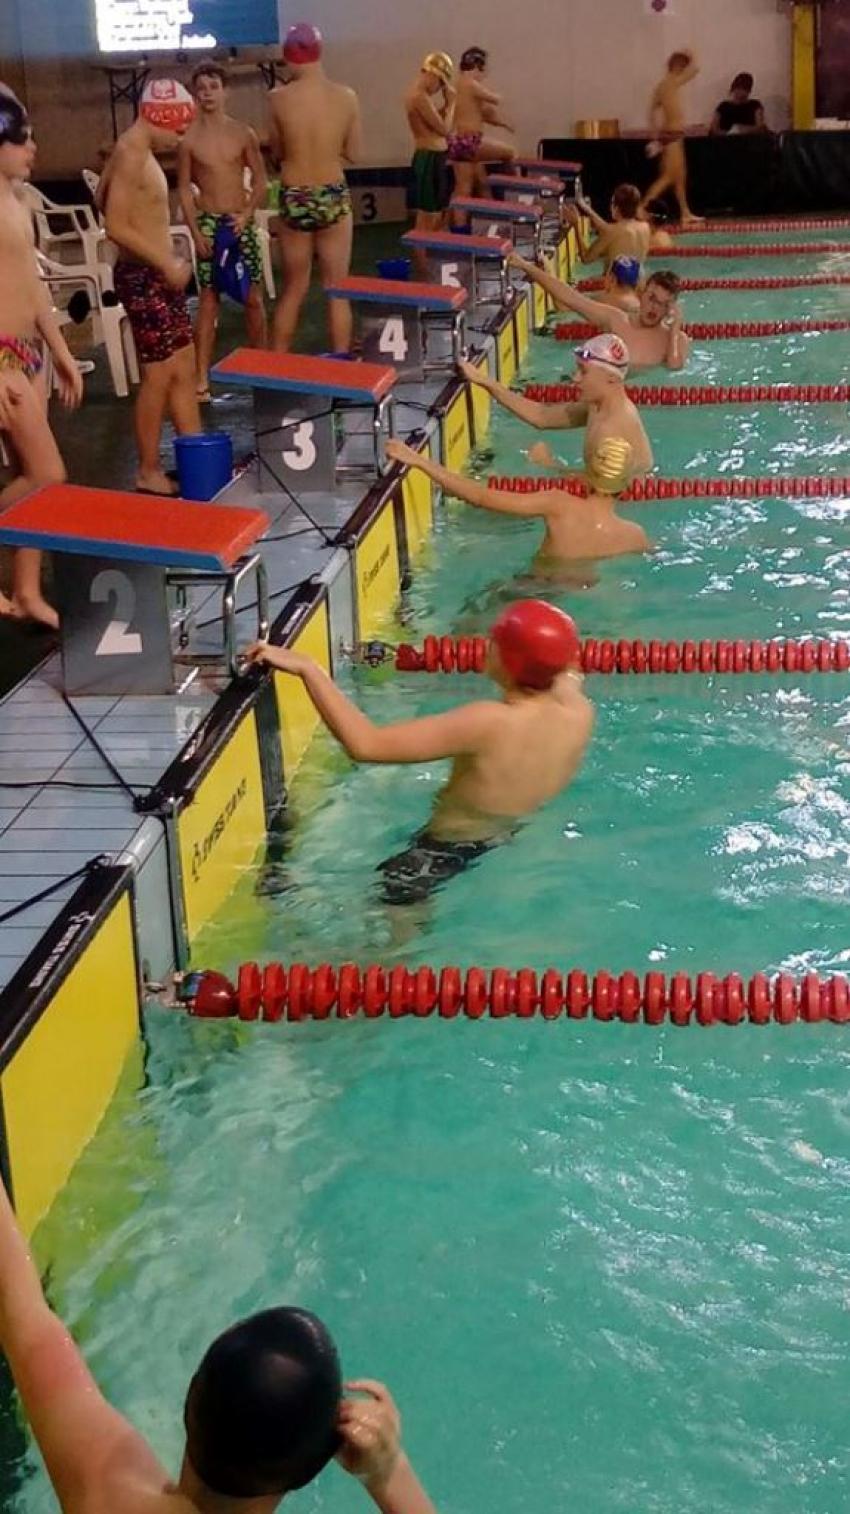 Zimowe Mistrzostwa Okręgu Dolnośląskiego w pływaniu | fot.: materiały prasowe UKS Energetyk Zgorzelec